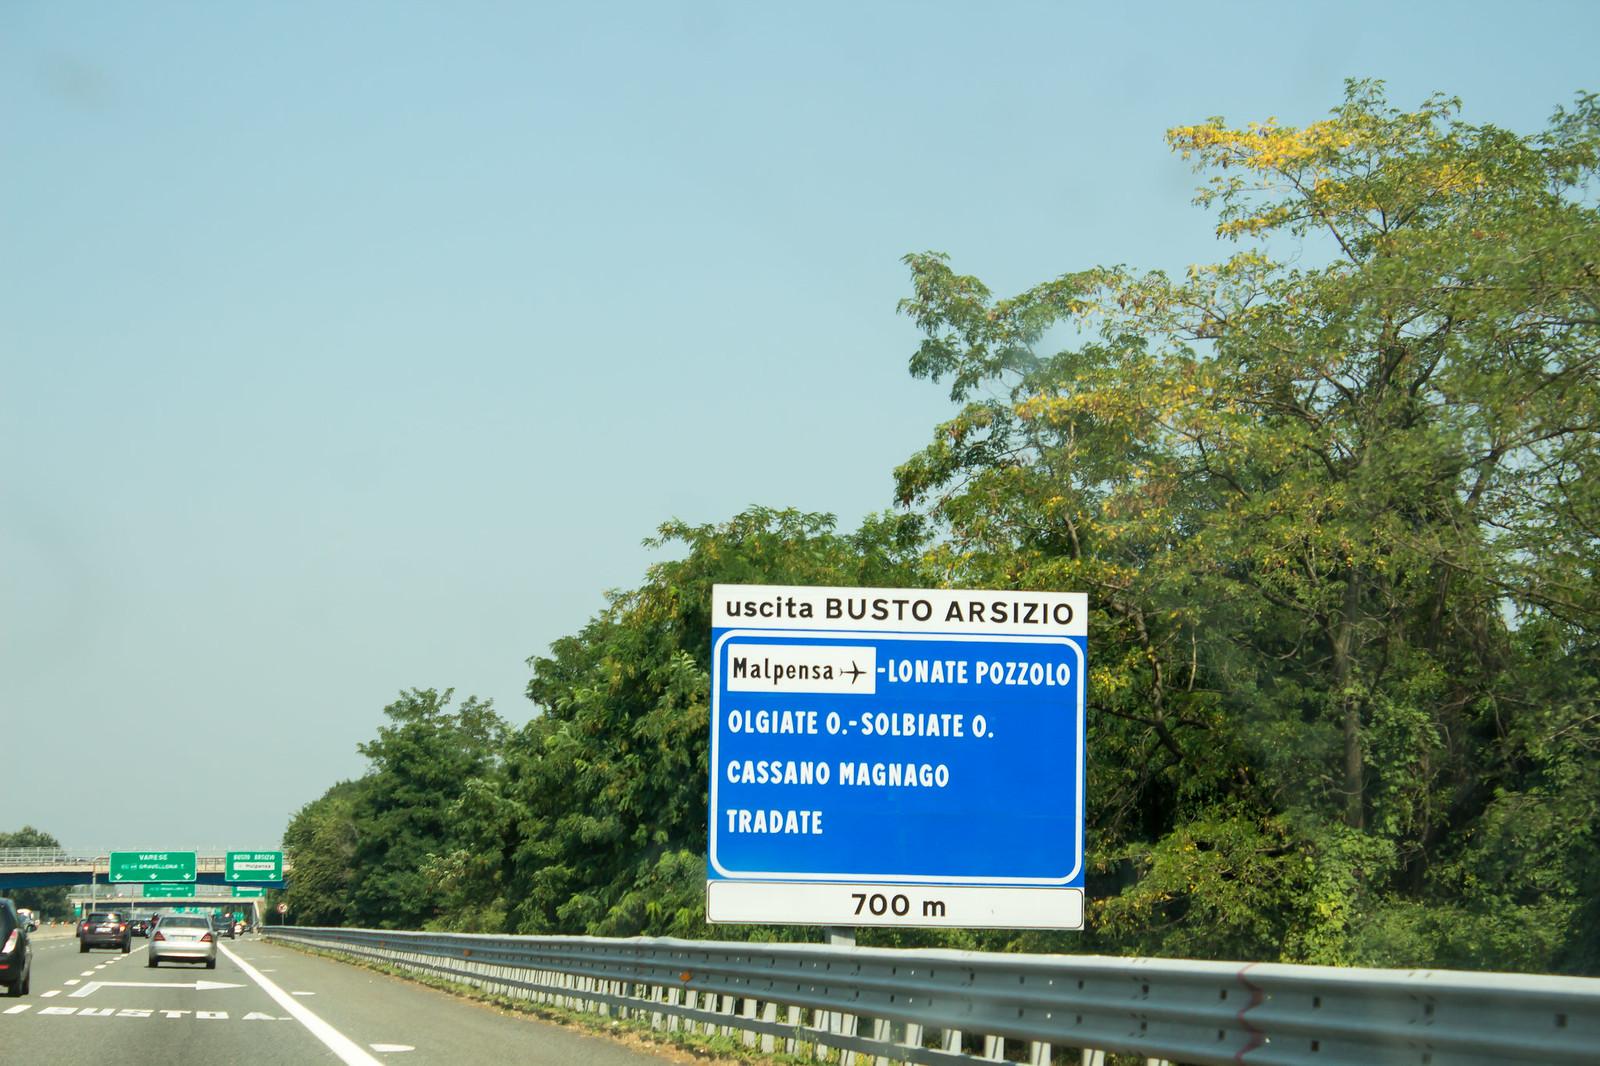 Выезжаем из города в северном направлении по платной автомагистрале. Готовимся к повороту на право после указателя на аэропорт.